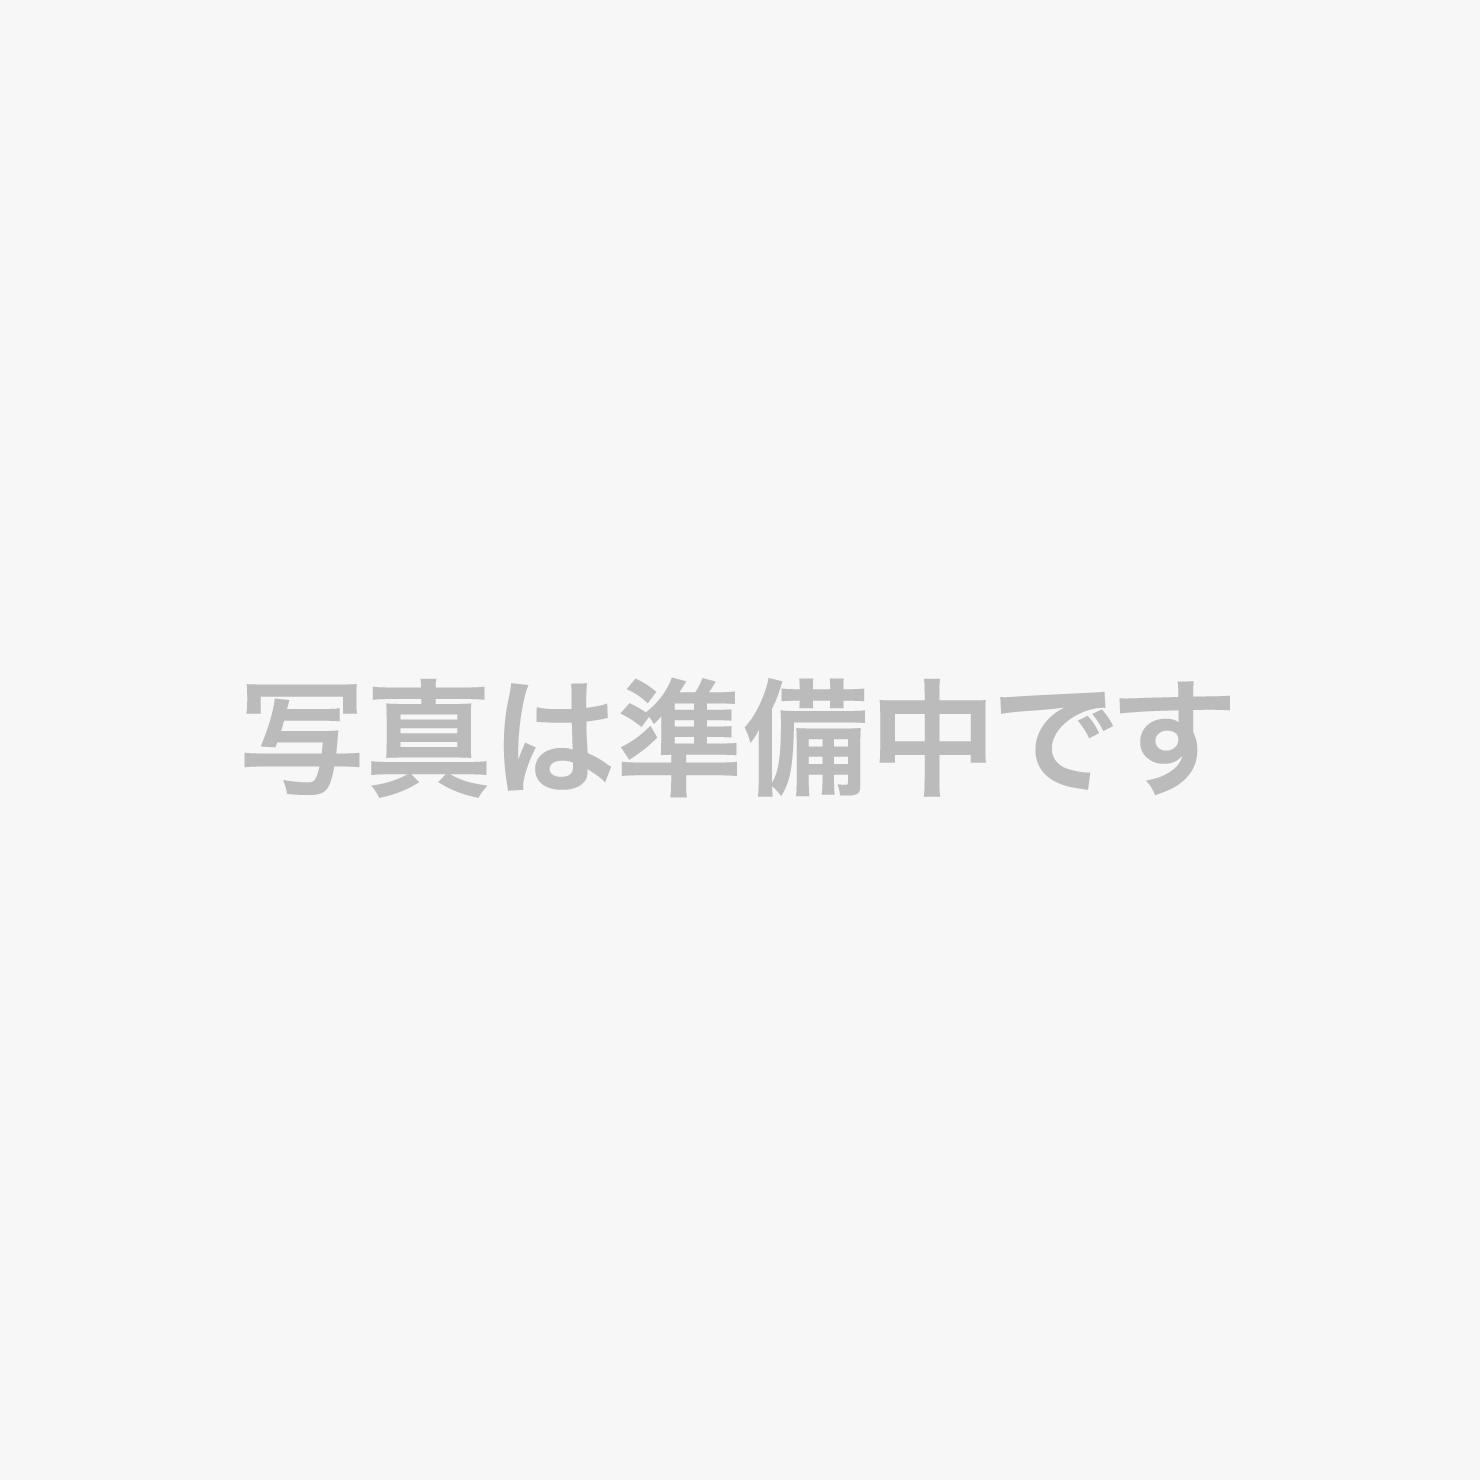 【2020年秋会席~長崎県産牛ステーキ会席~】ジューシーな旨味の県産牛ステーキ